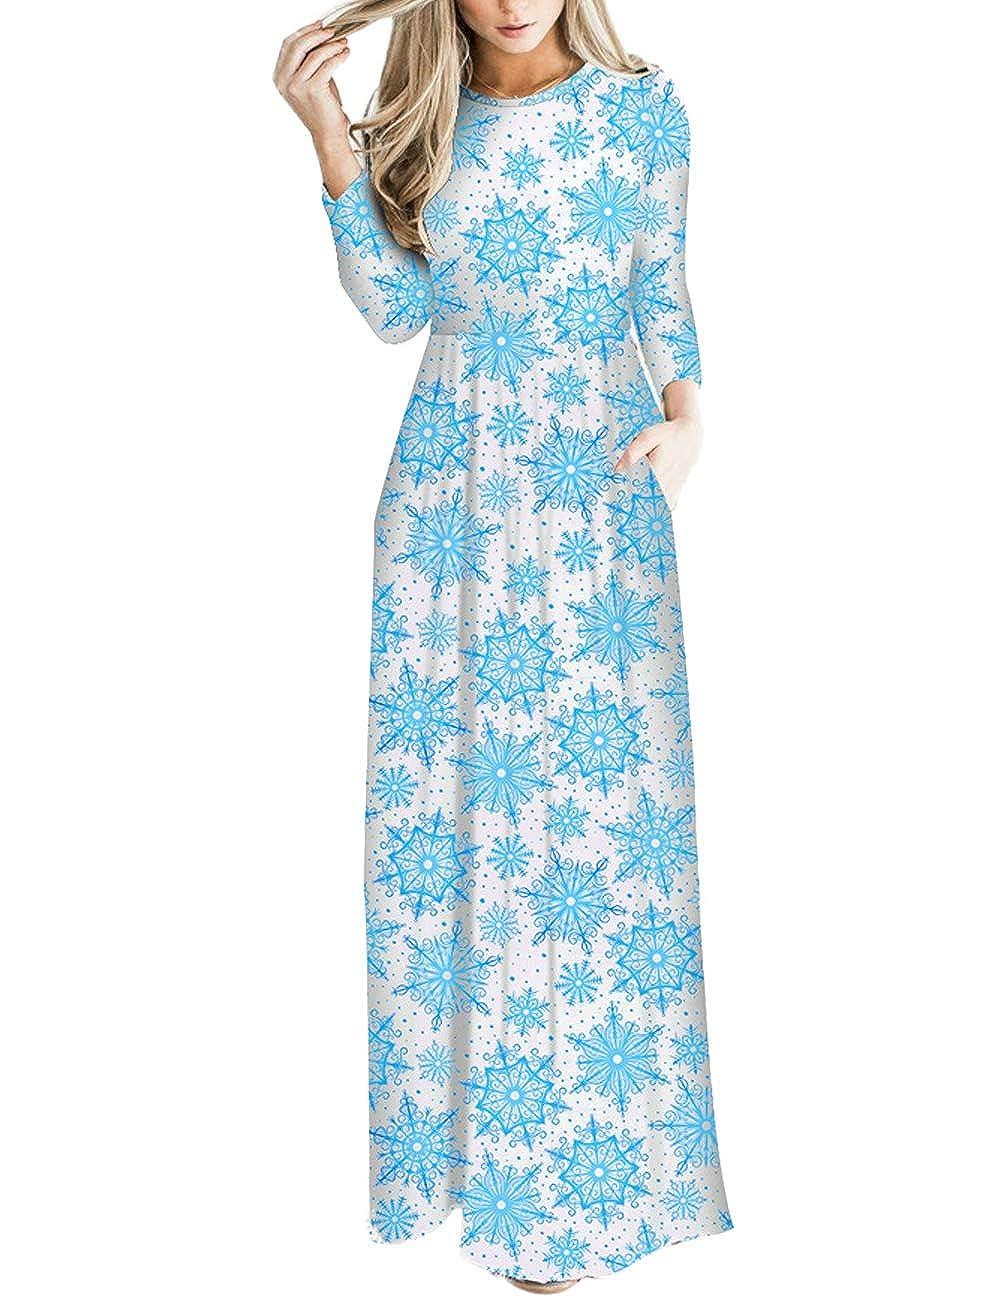 TALLA M=ES 40-42. FeelinGirl Mujeres Vestido Largo Estampado Floral de Fiesta Navidad Falda Maxi de Manga Larga Nochebuena Blanco-54 M=ES 40-42